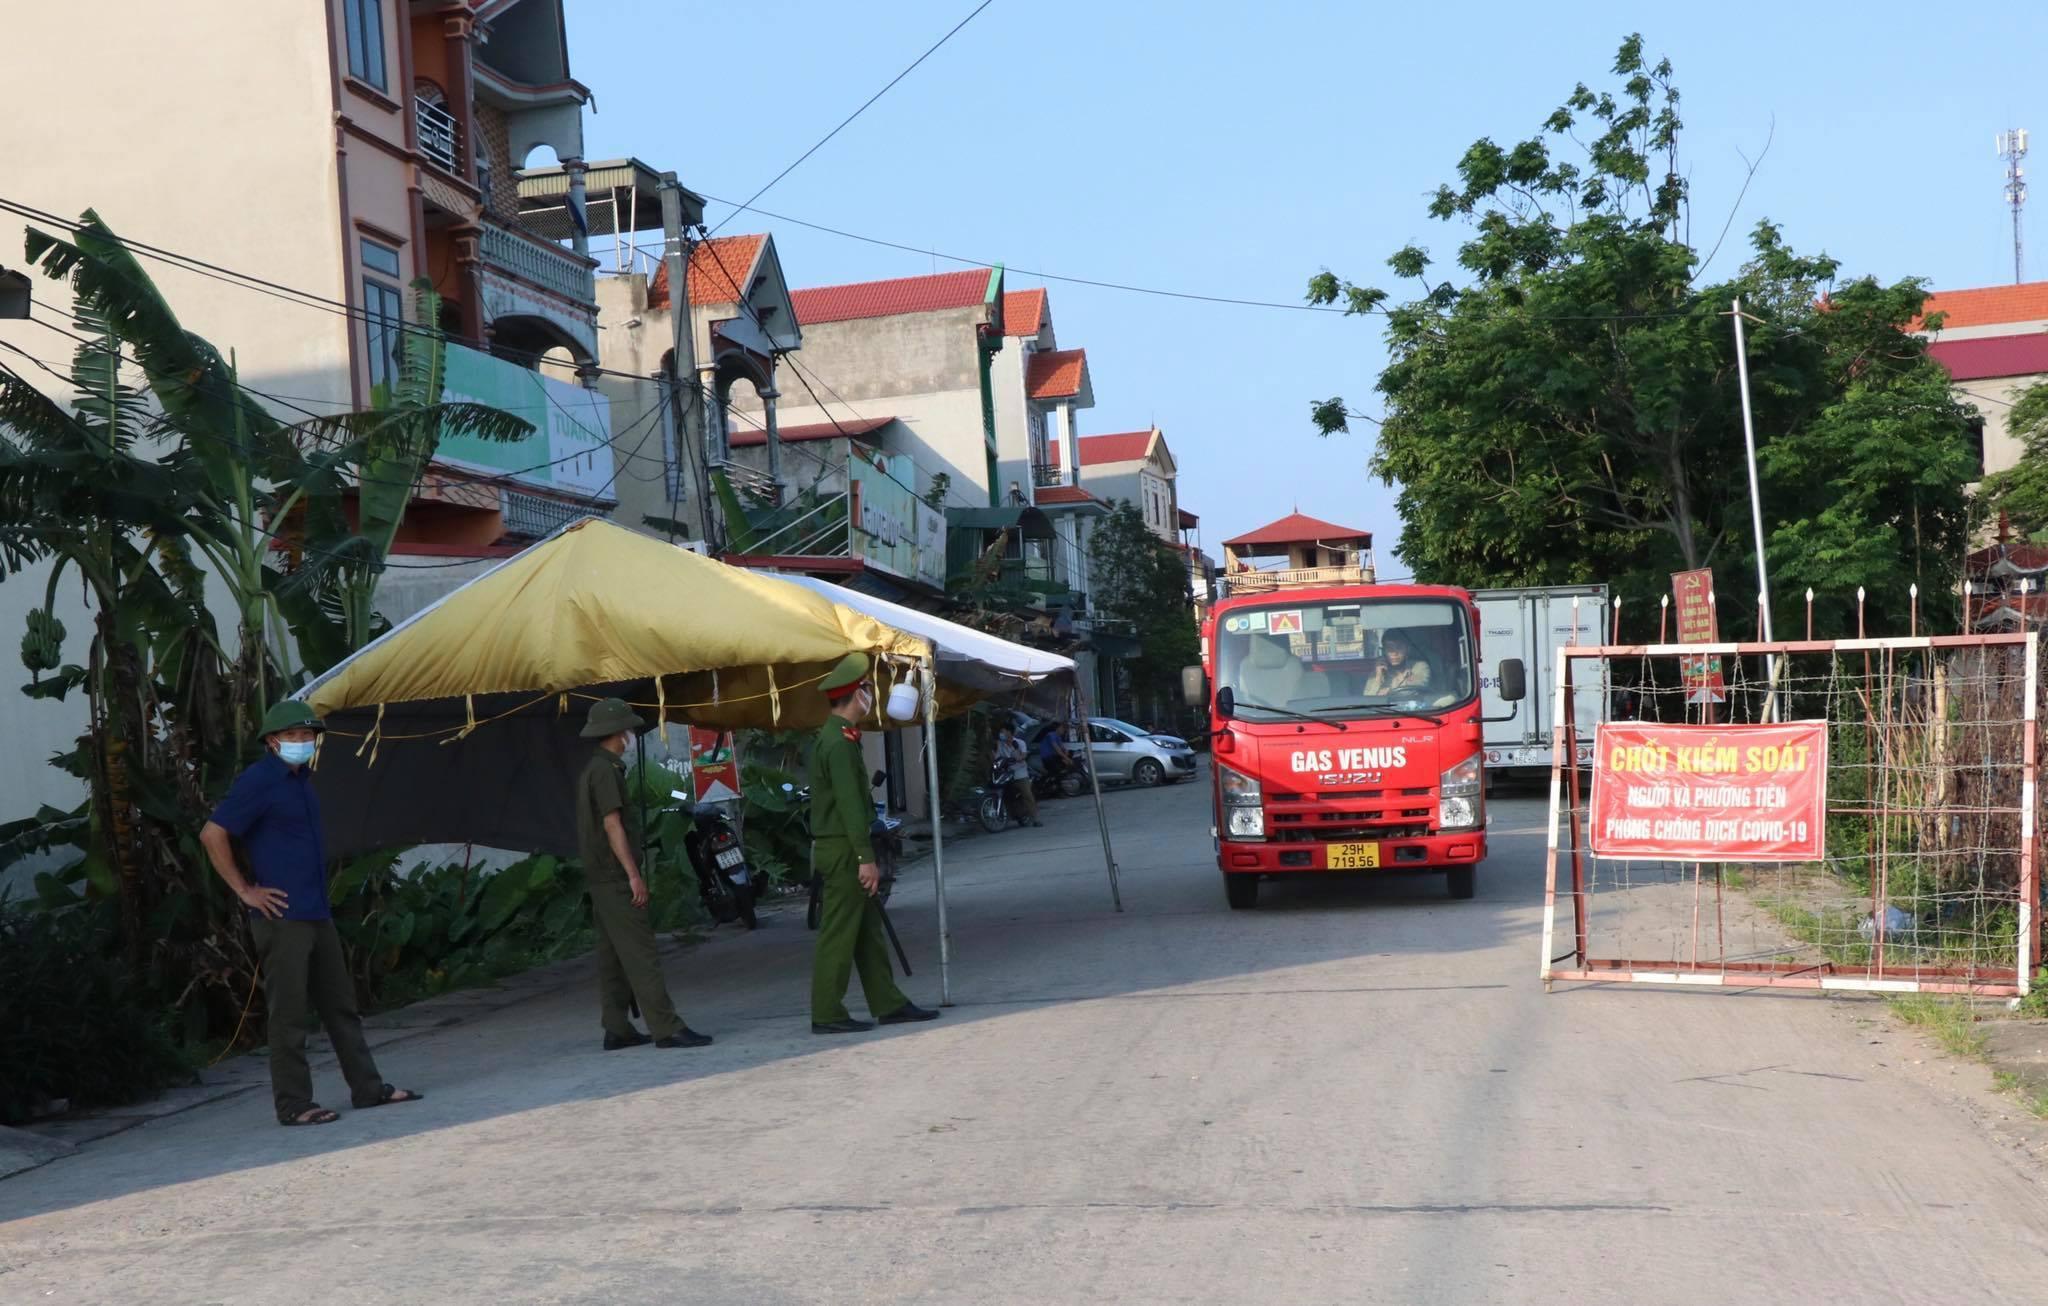 Bắc Ninh phong tỏa huyện gần 200.000 dân, không tập trung quá 2 người